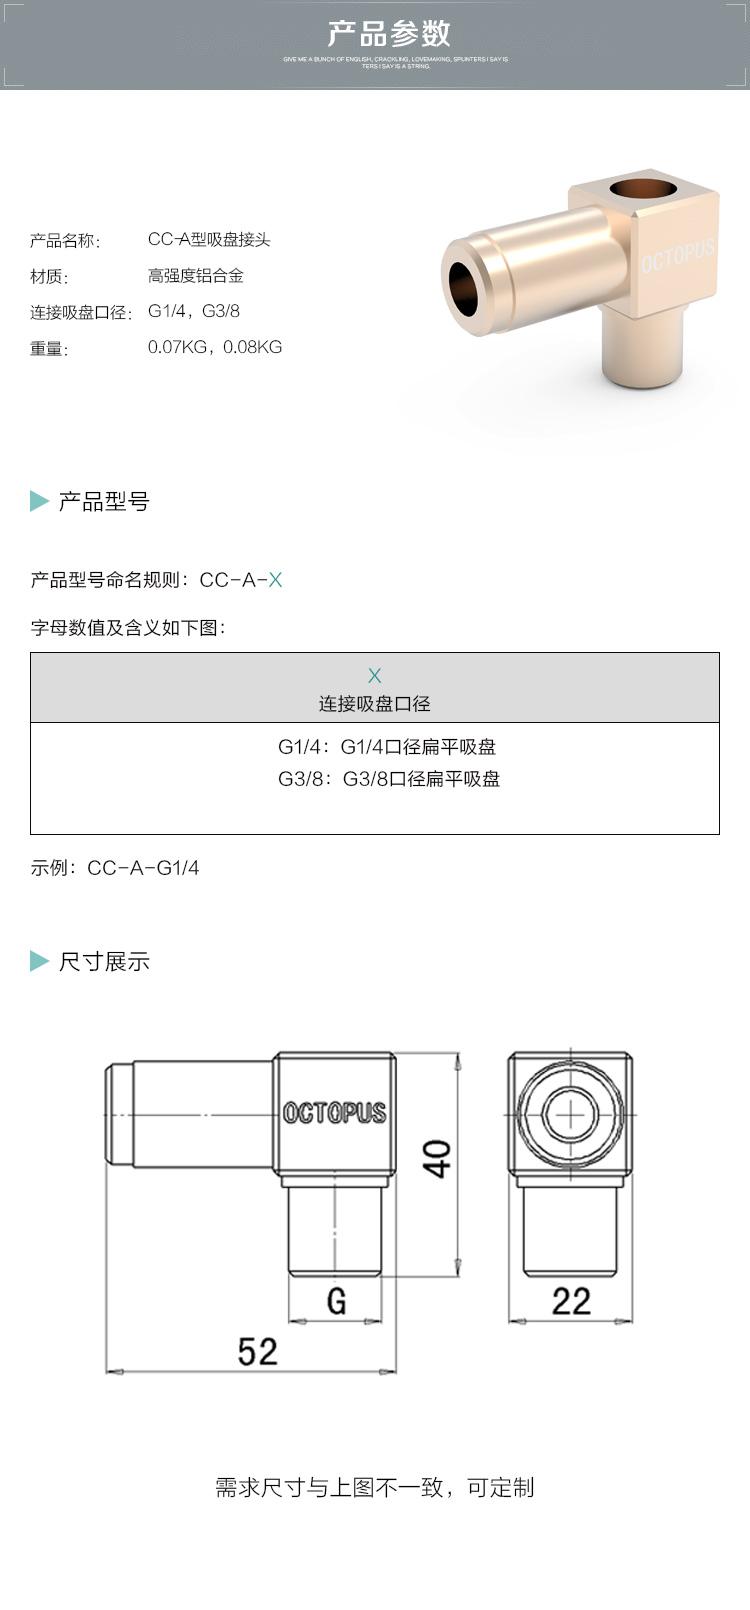 CC-AV2-1_04.jpg